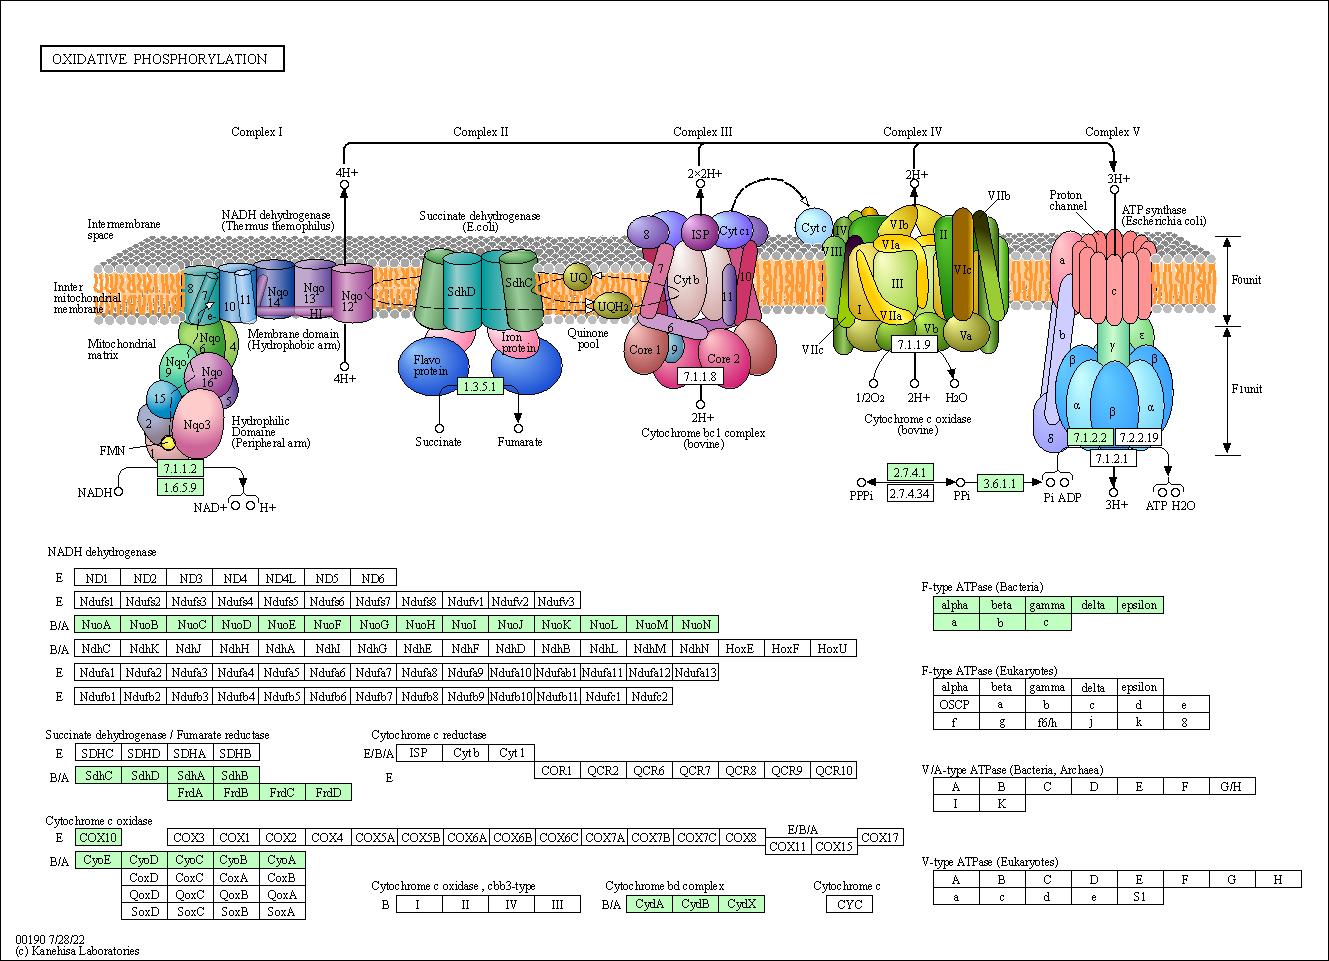 Kegg Pathway  Oxidative Phosphorylation